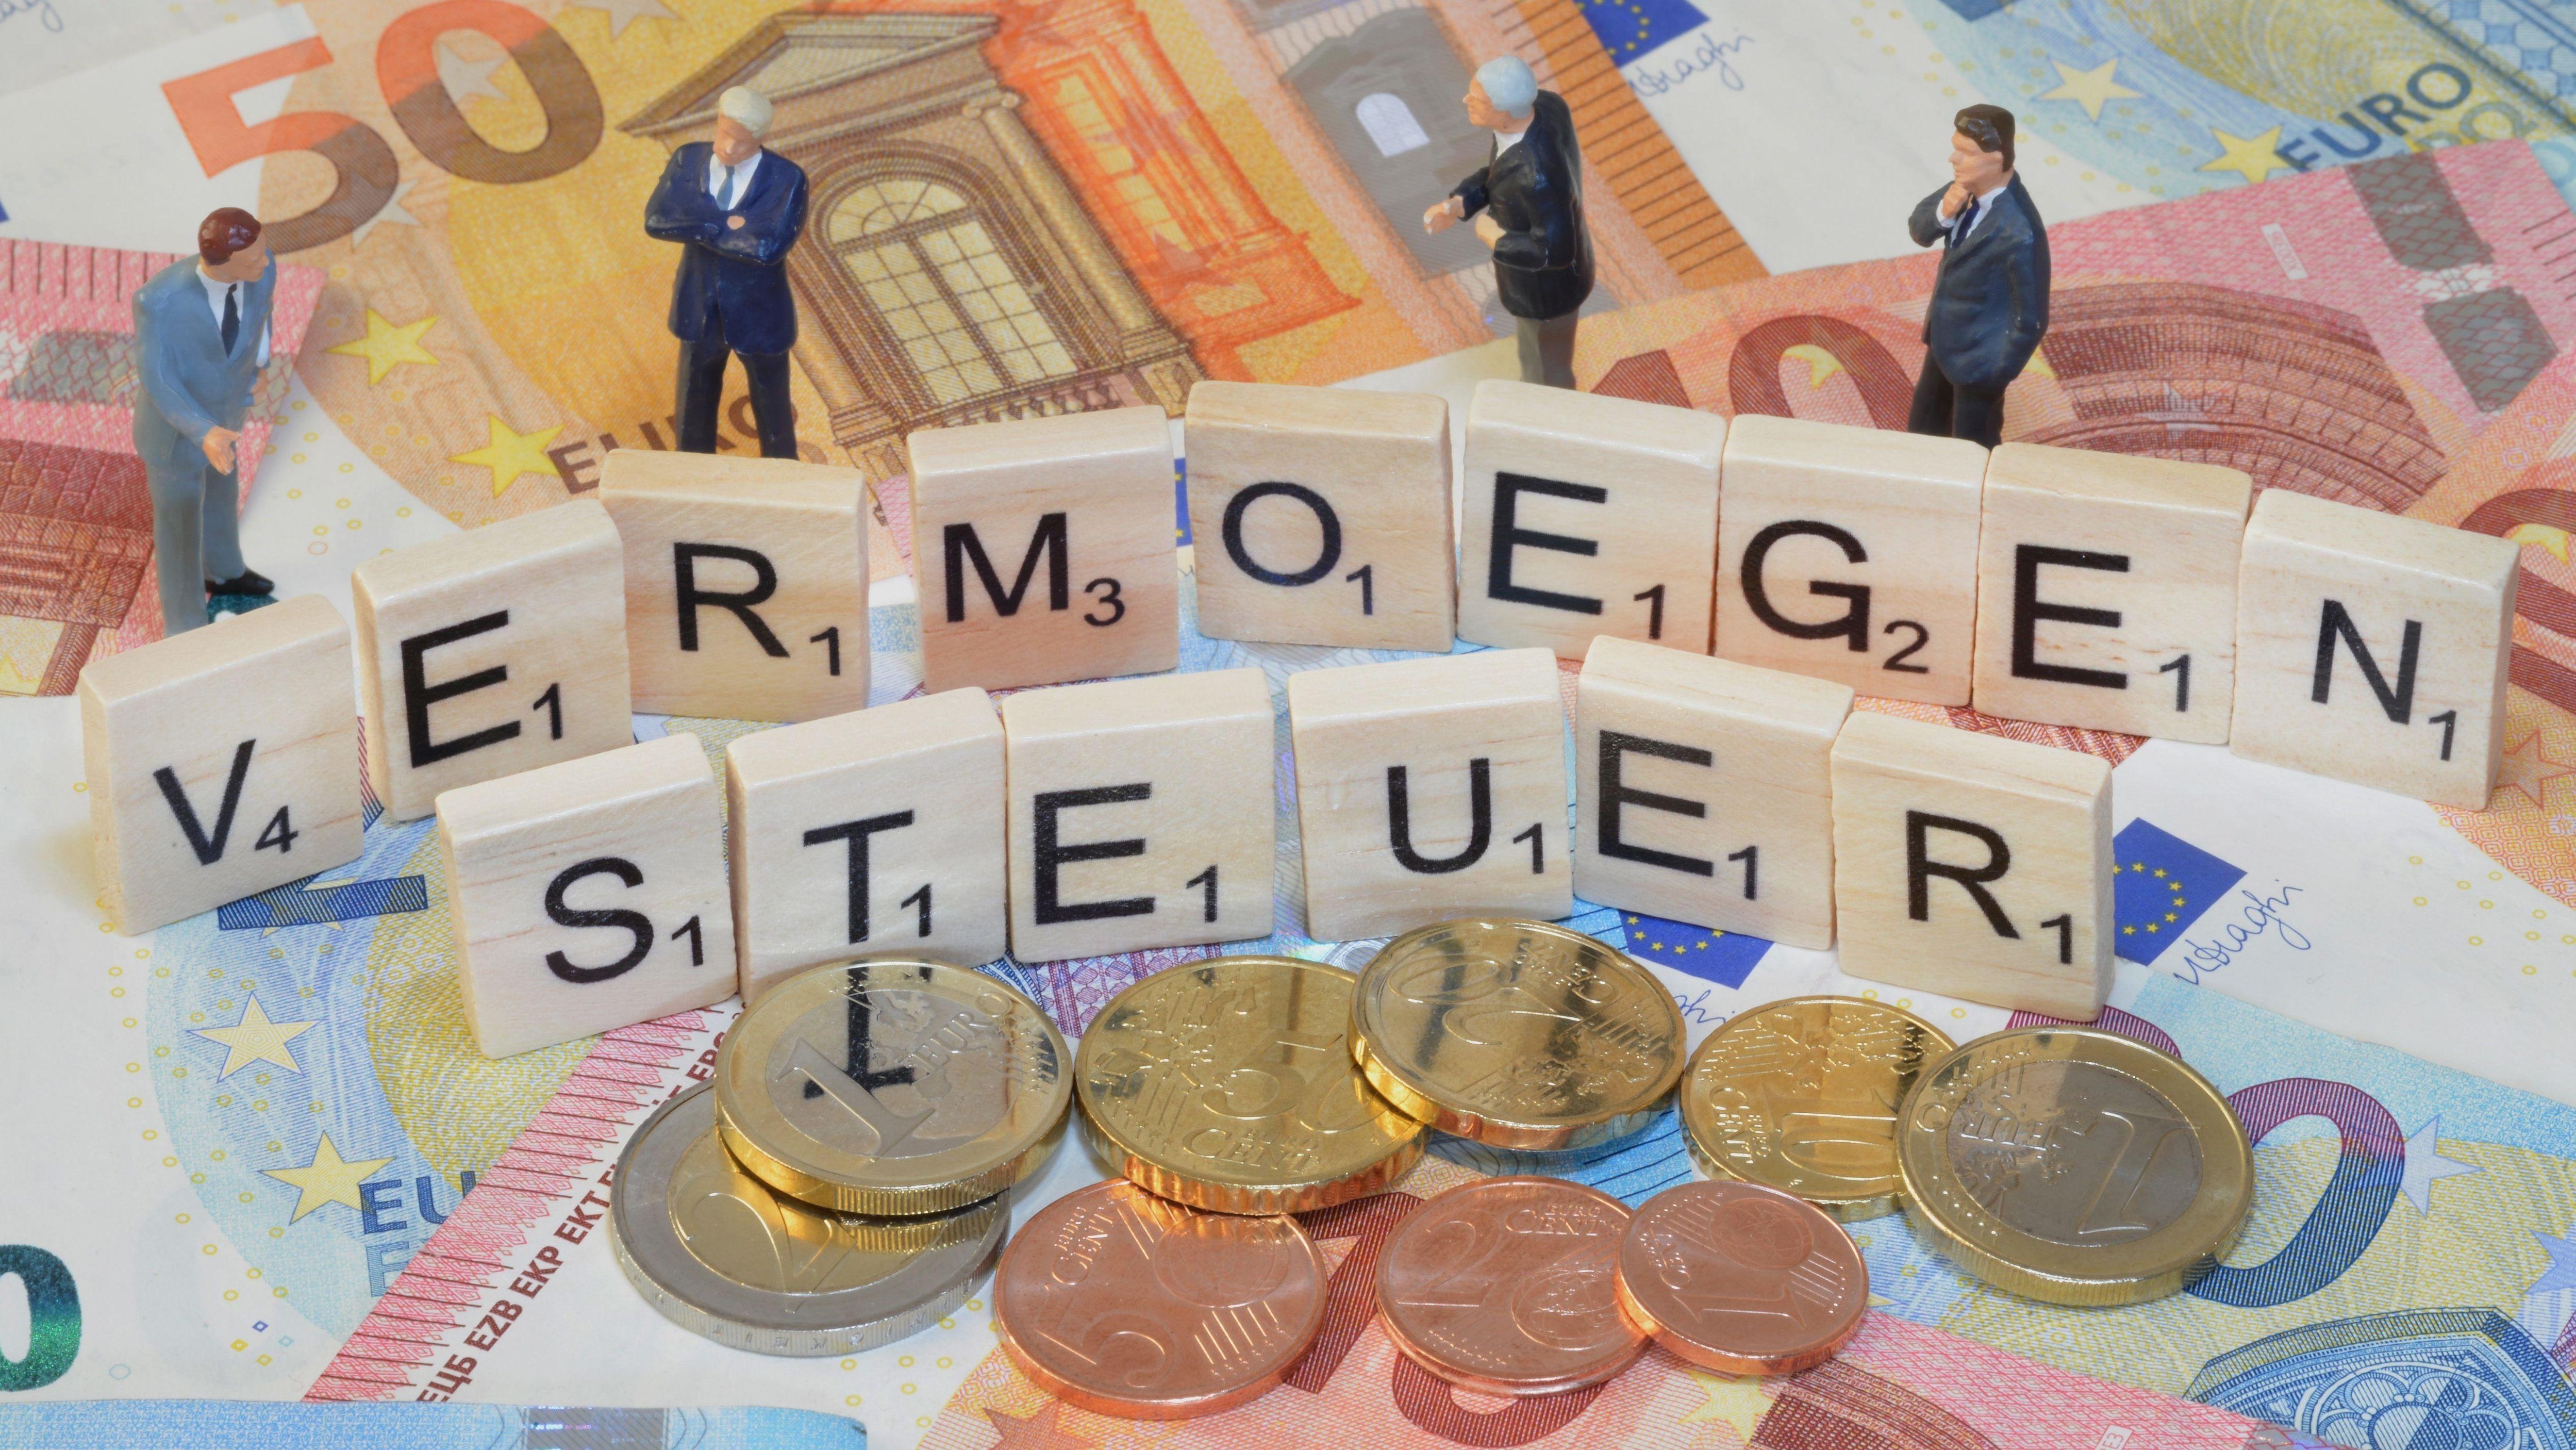 Spielzeugmännchen stehen auf Geldscheinen zusammen mit dem Wort Vermögensteuer aus Scrabble-Buchstaben.